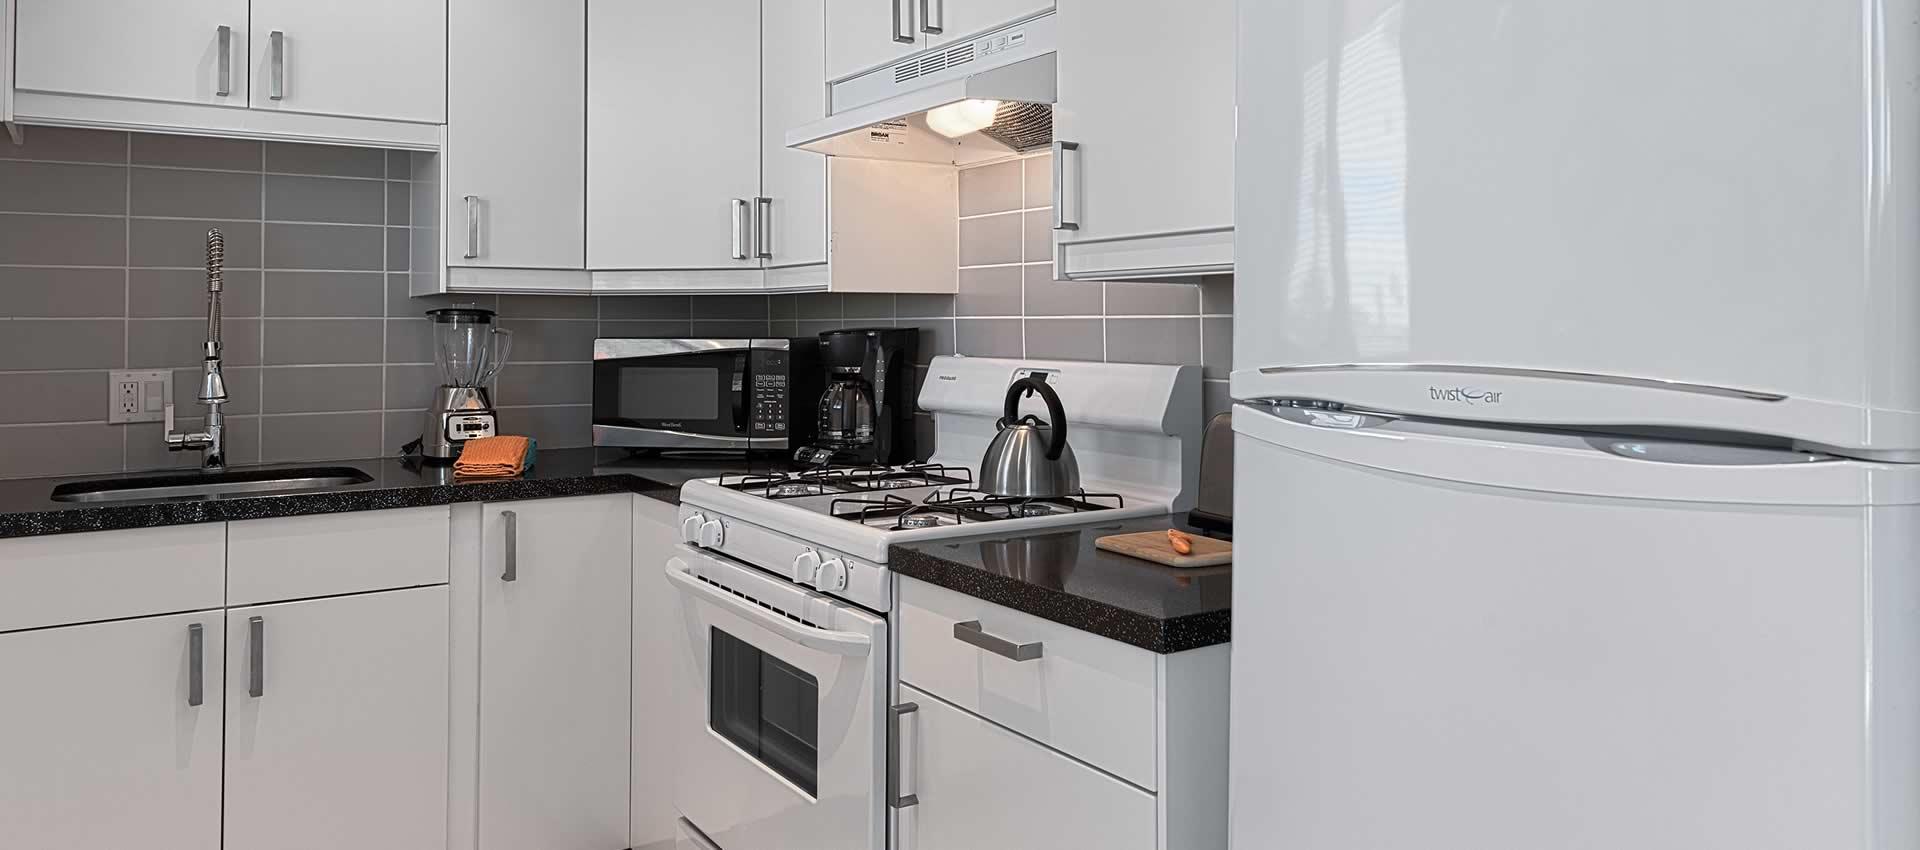 twist-hotel-room219-kitchen